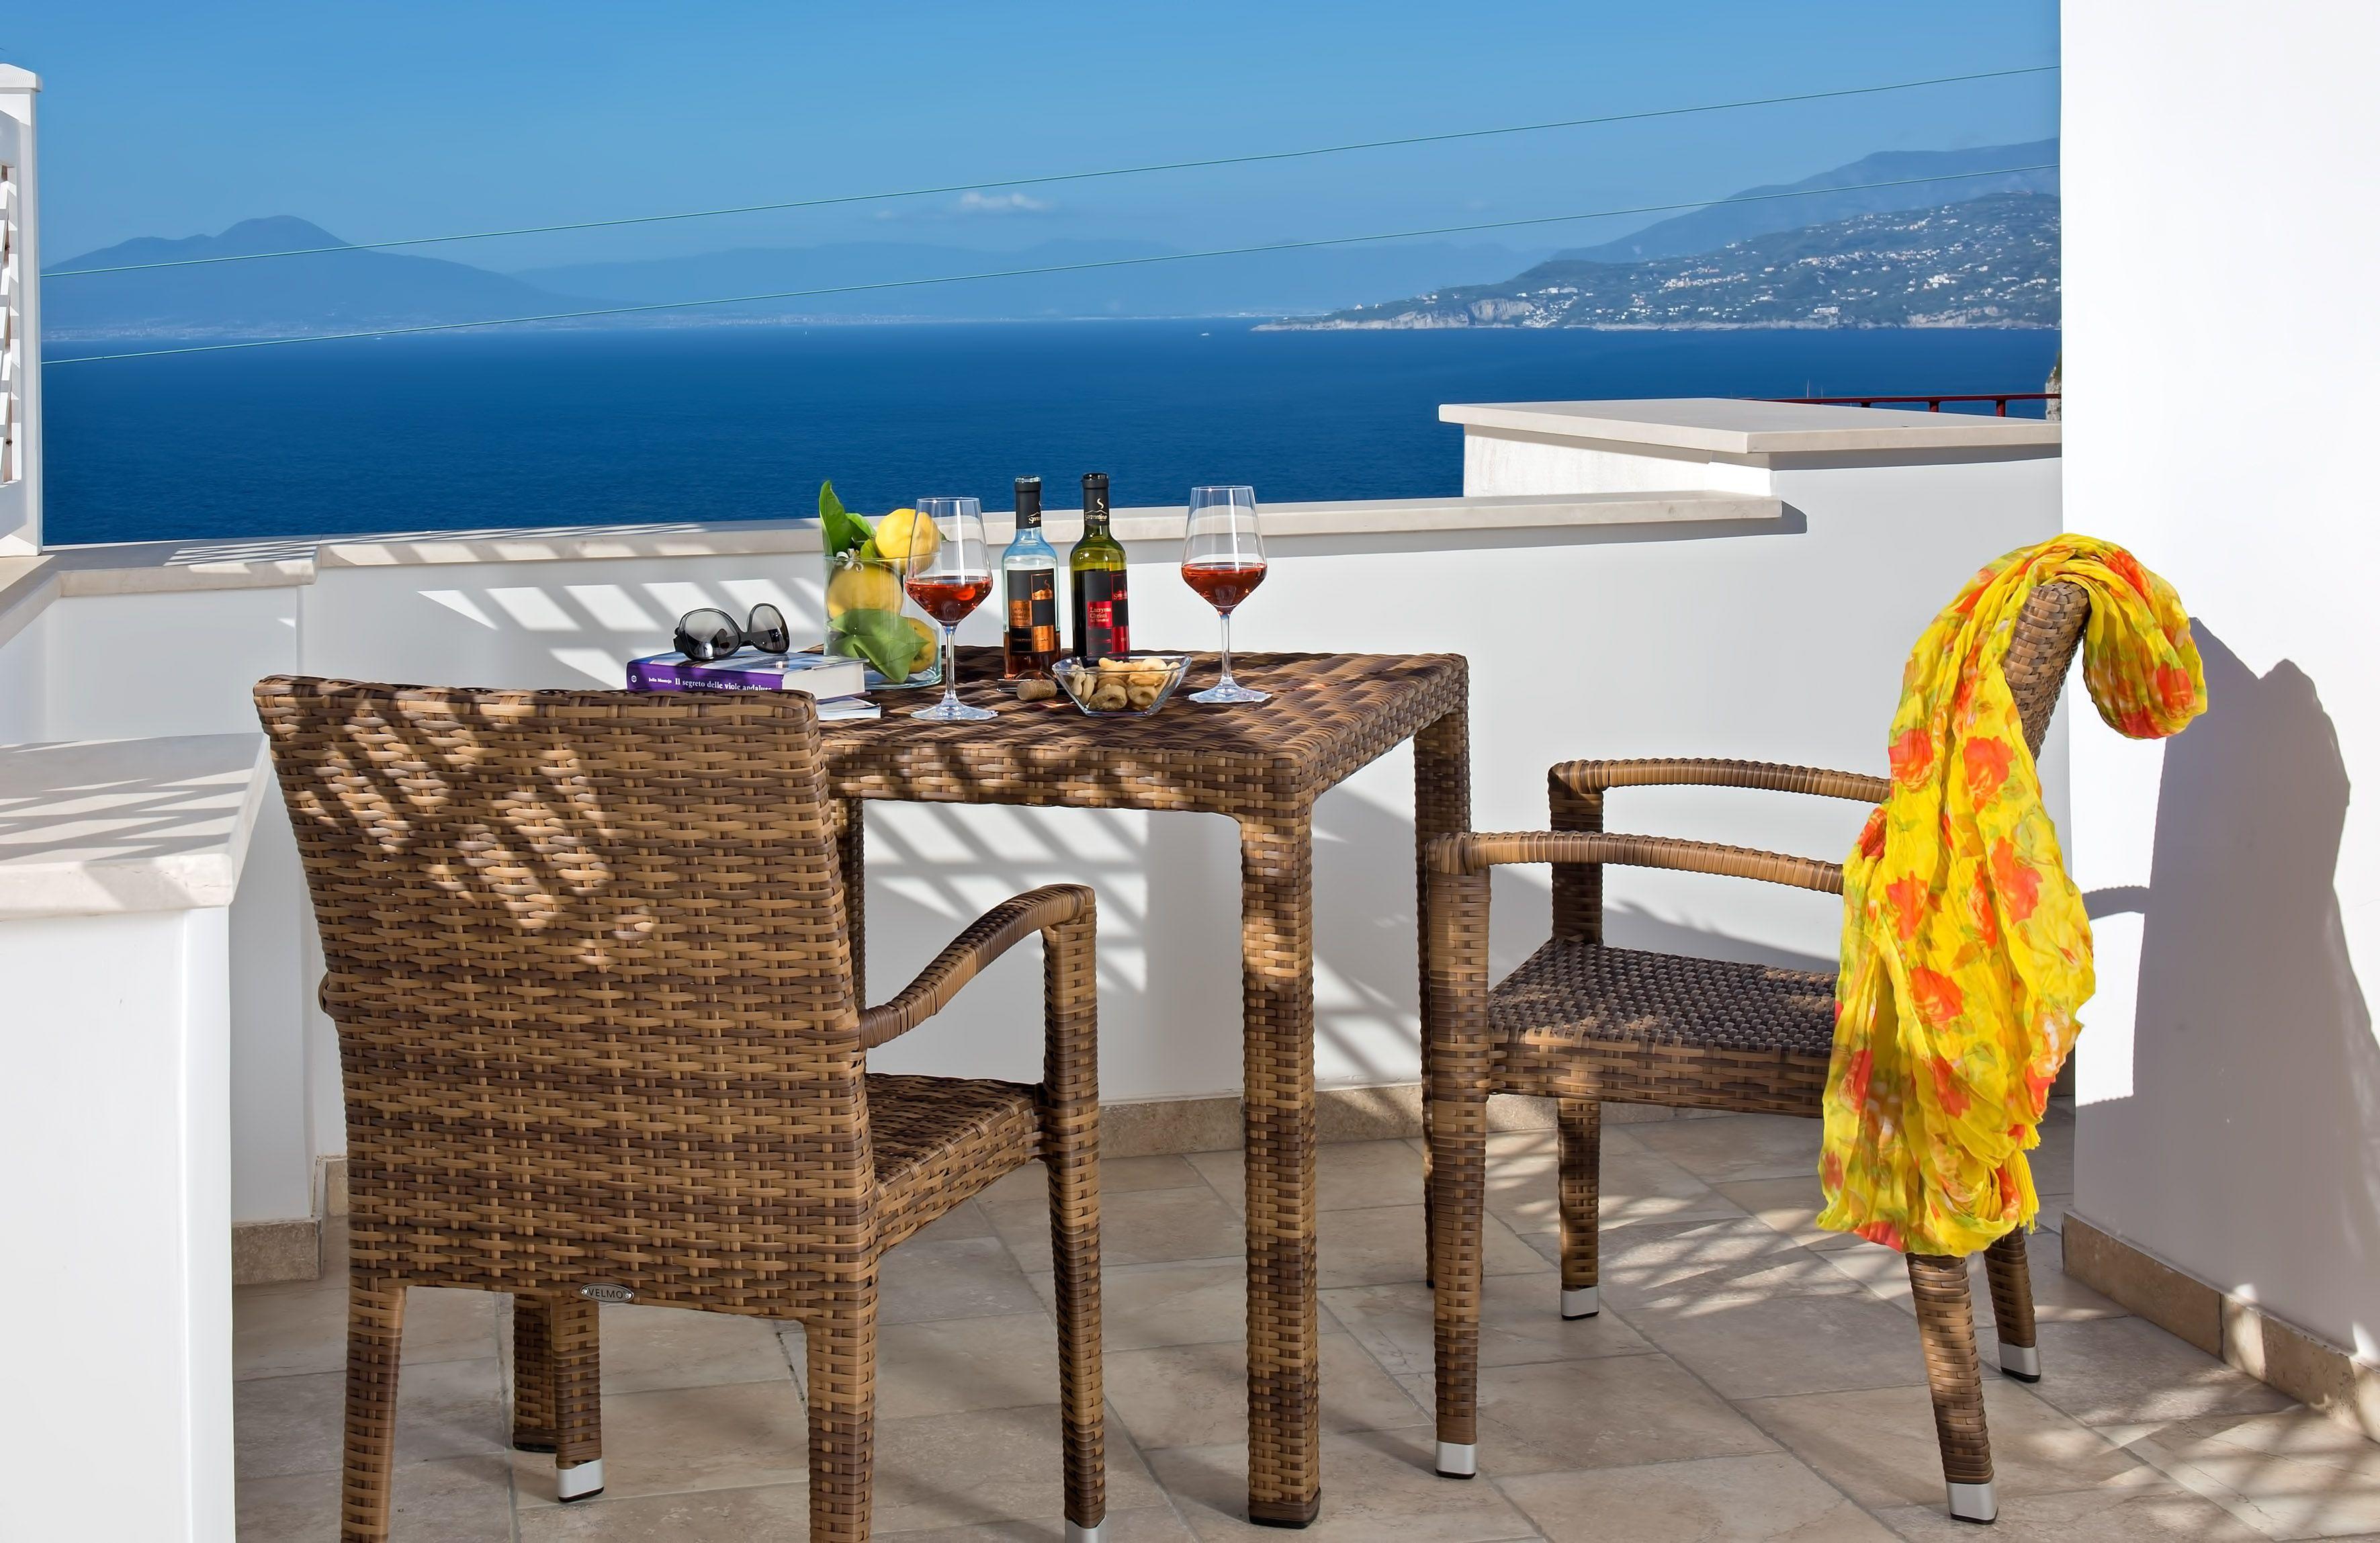 Sedie Midollino ~ Capri wine hotel capri tavolo e sedie in midollino sintetico by